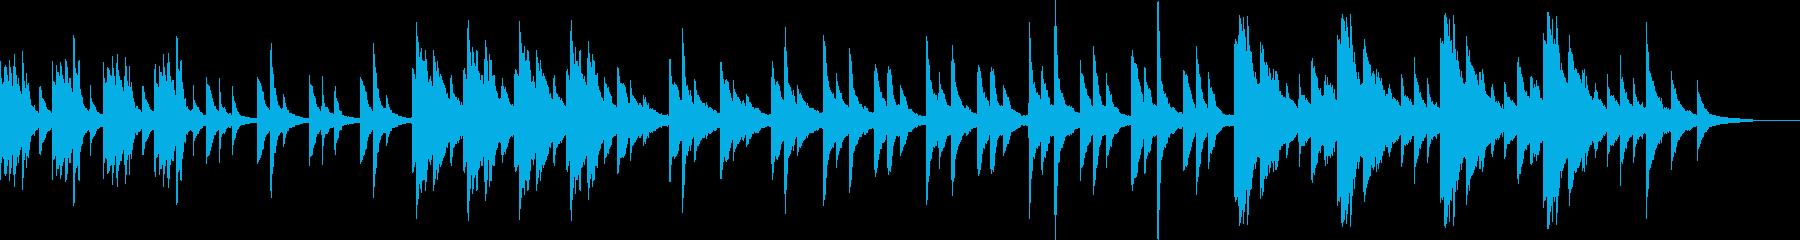 心霊・オカルト・怪談・ホラー・ピアノ曲の再生済みの波形